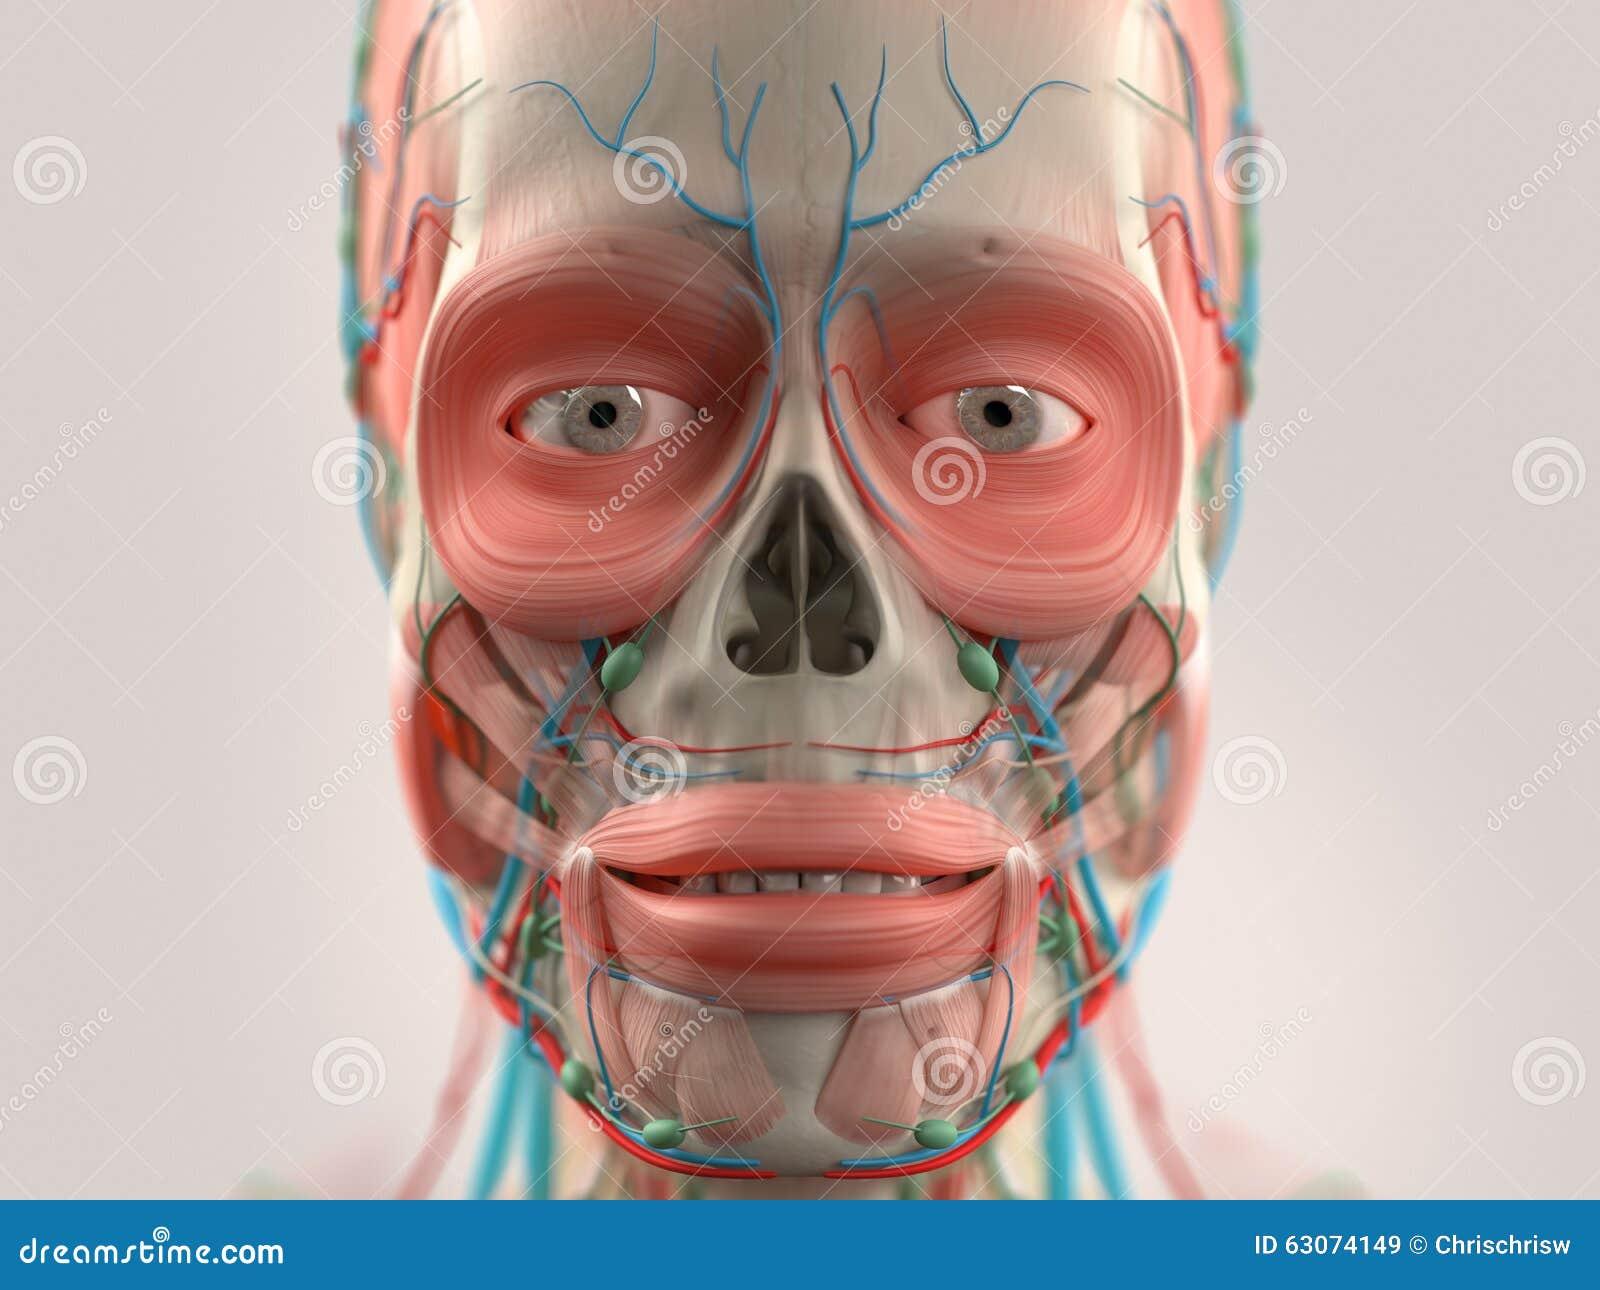 Anatomie Der Menschlichen Nase Vektor Abbildung - Illustration von ...